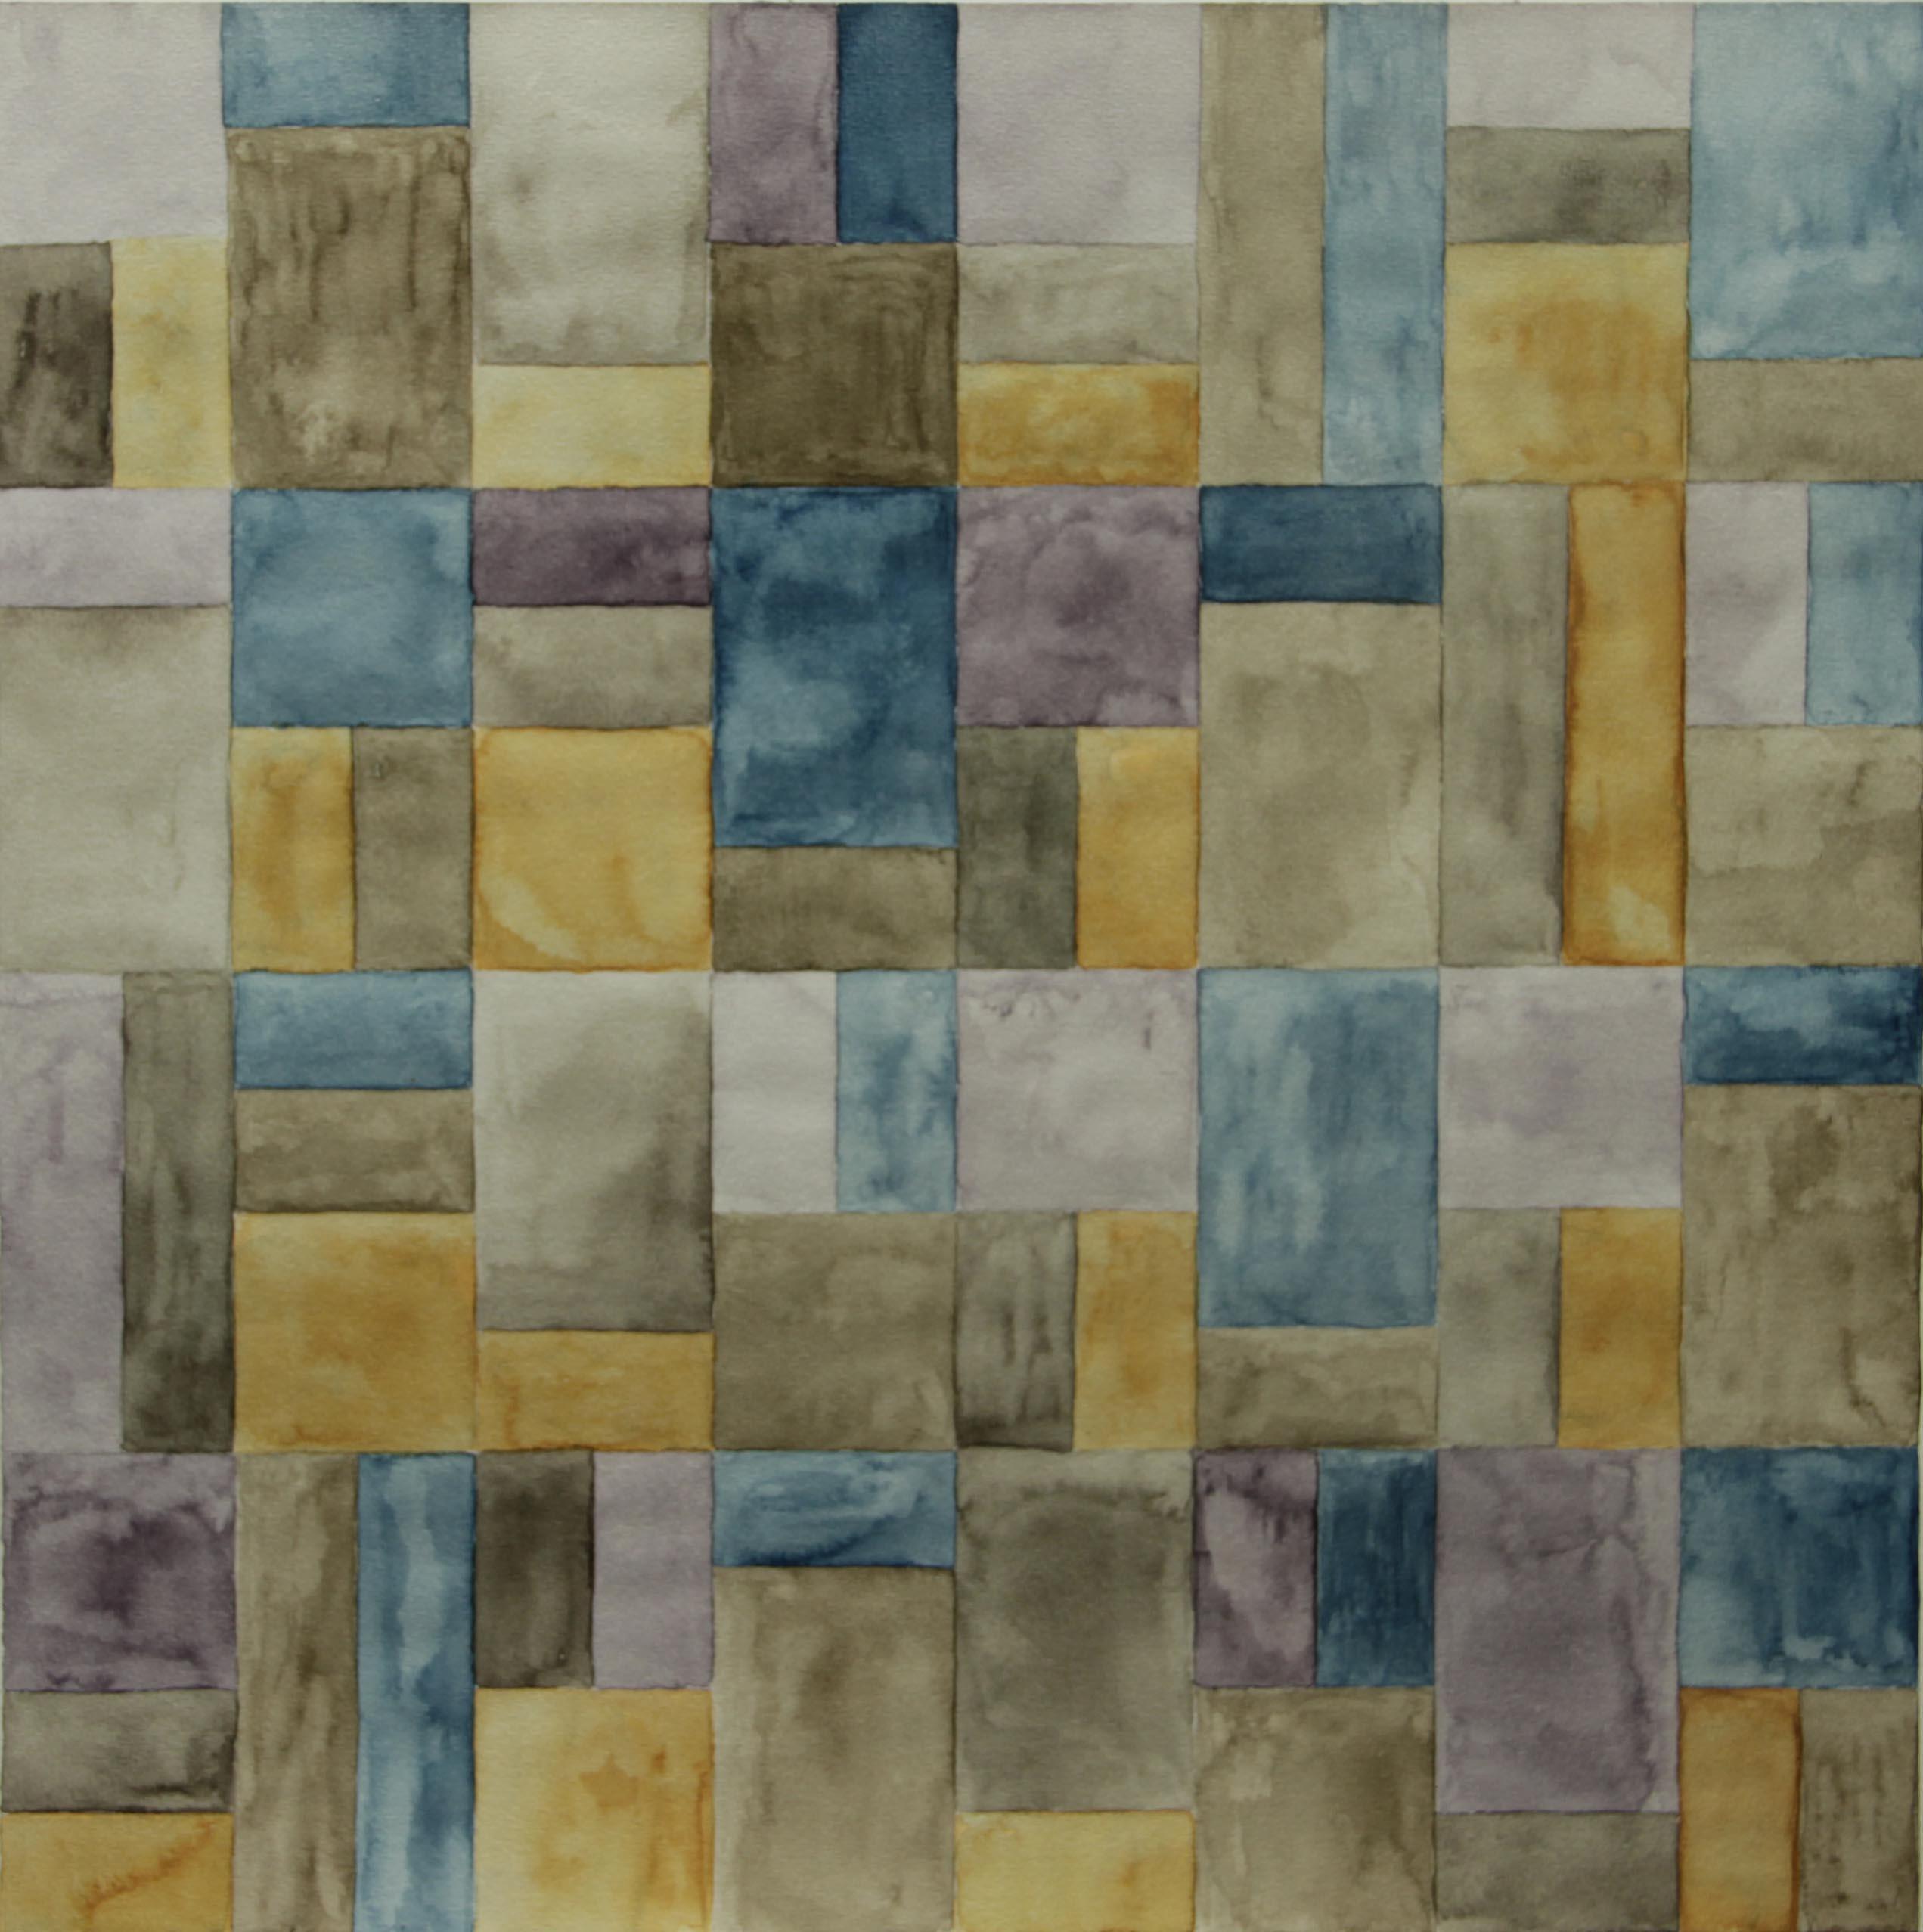 Mottironi Bianca, 48x48